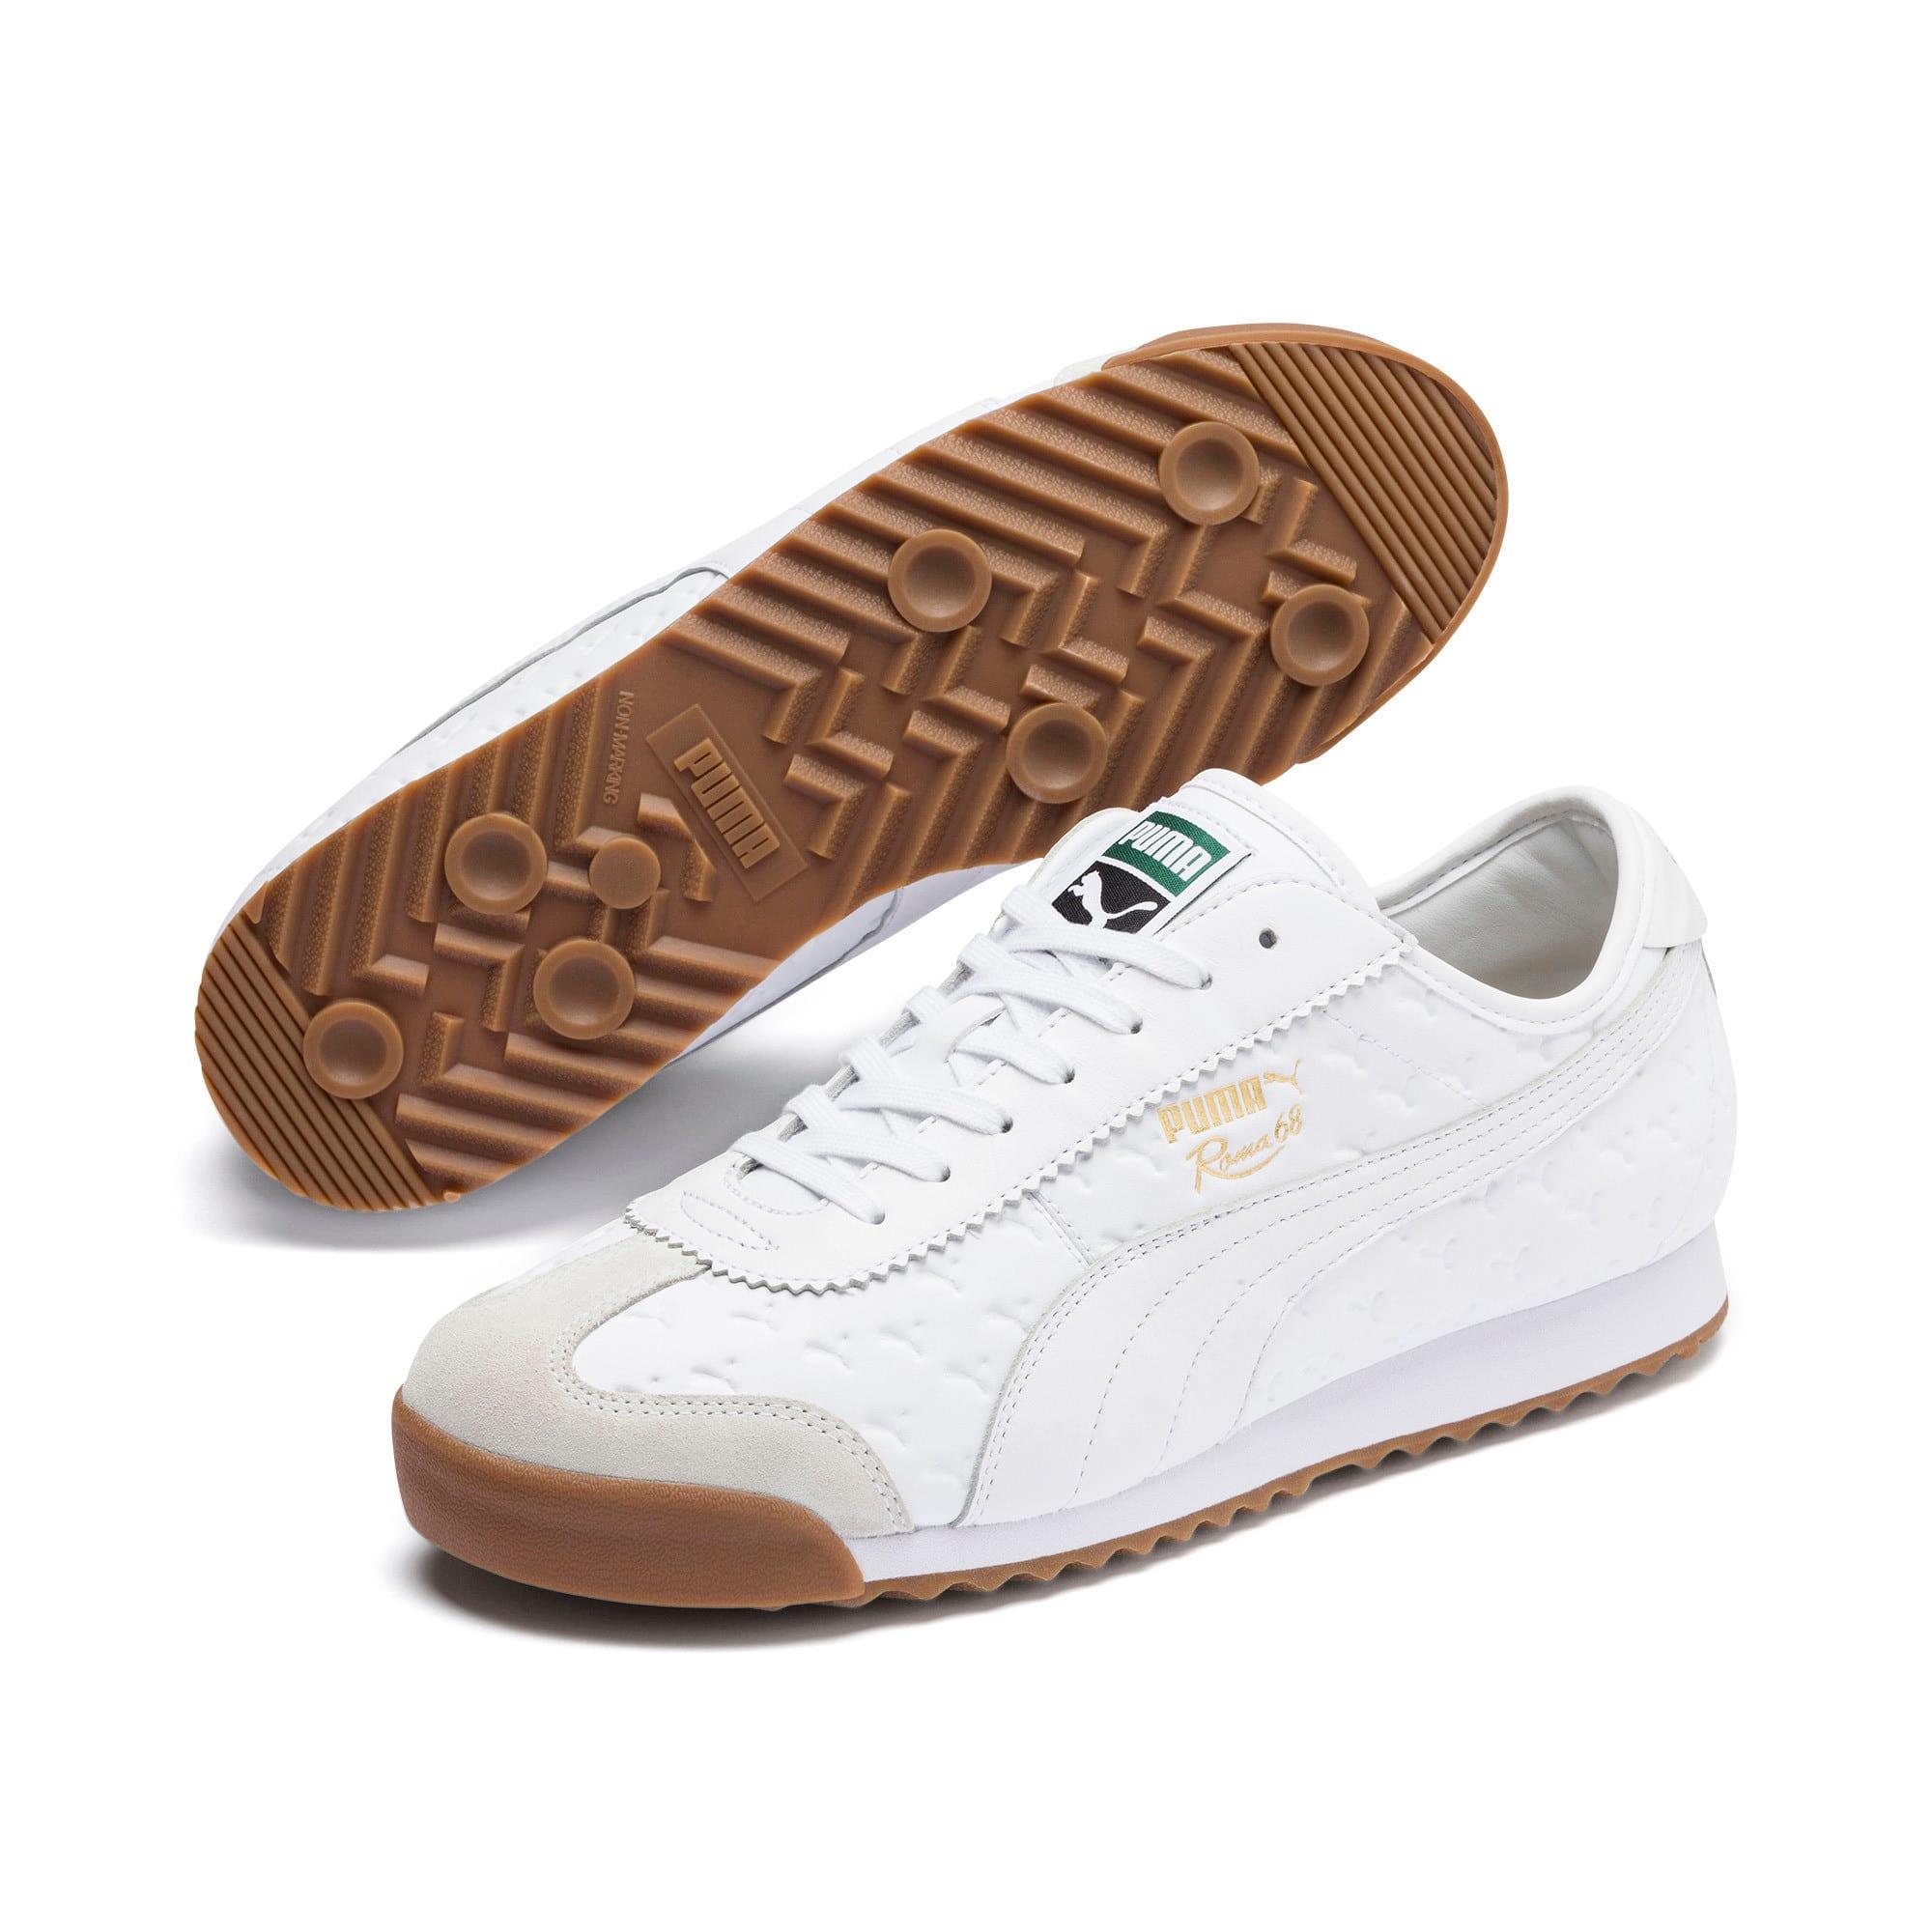 Miniatura 3 de Zapatos deportivos Roma '68 Gum, Puma White-Puma White, mediano